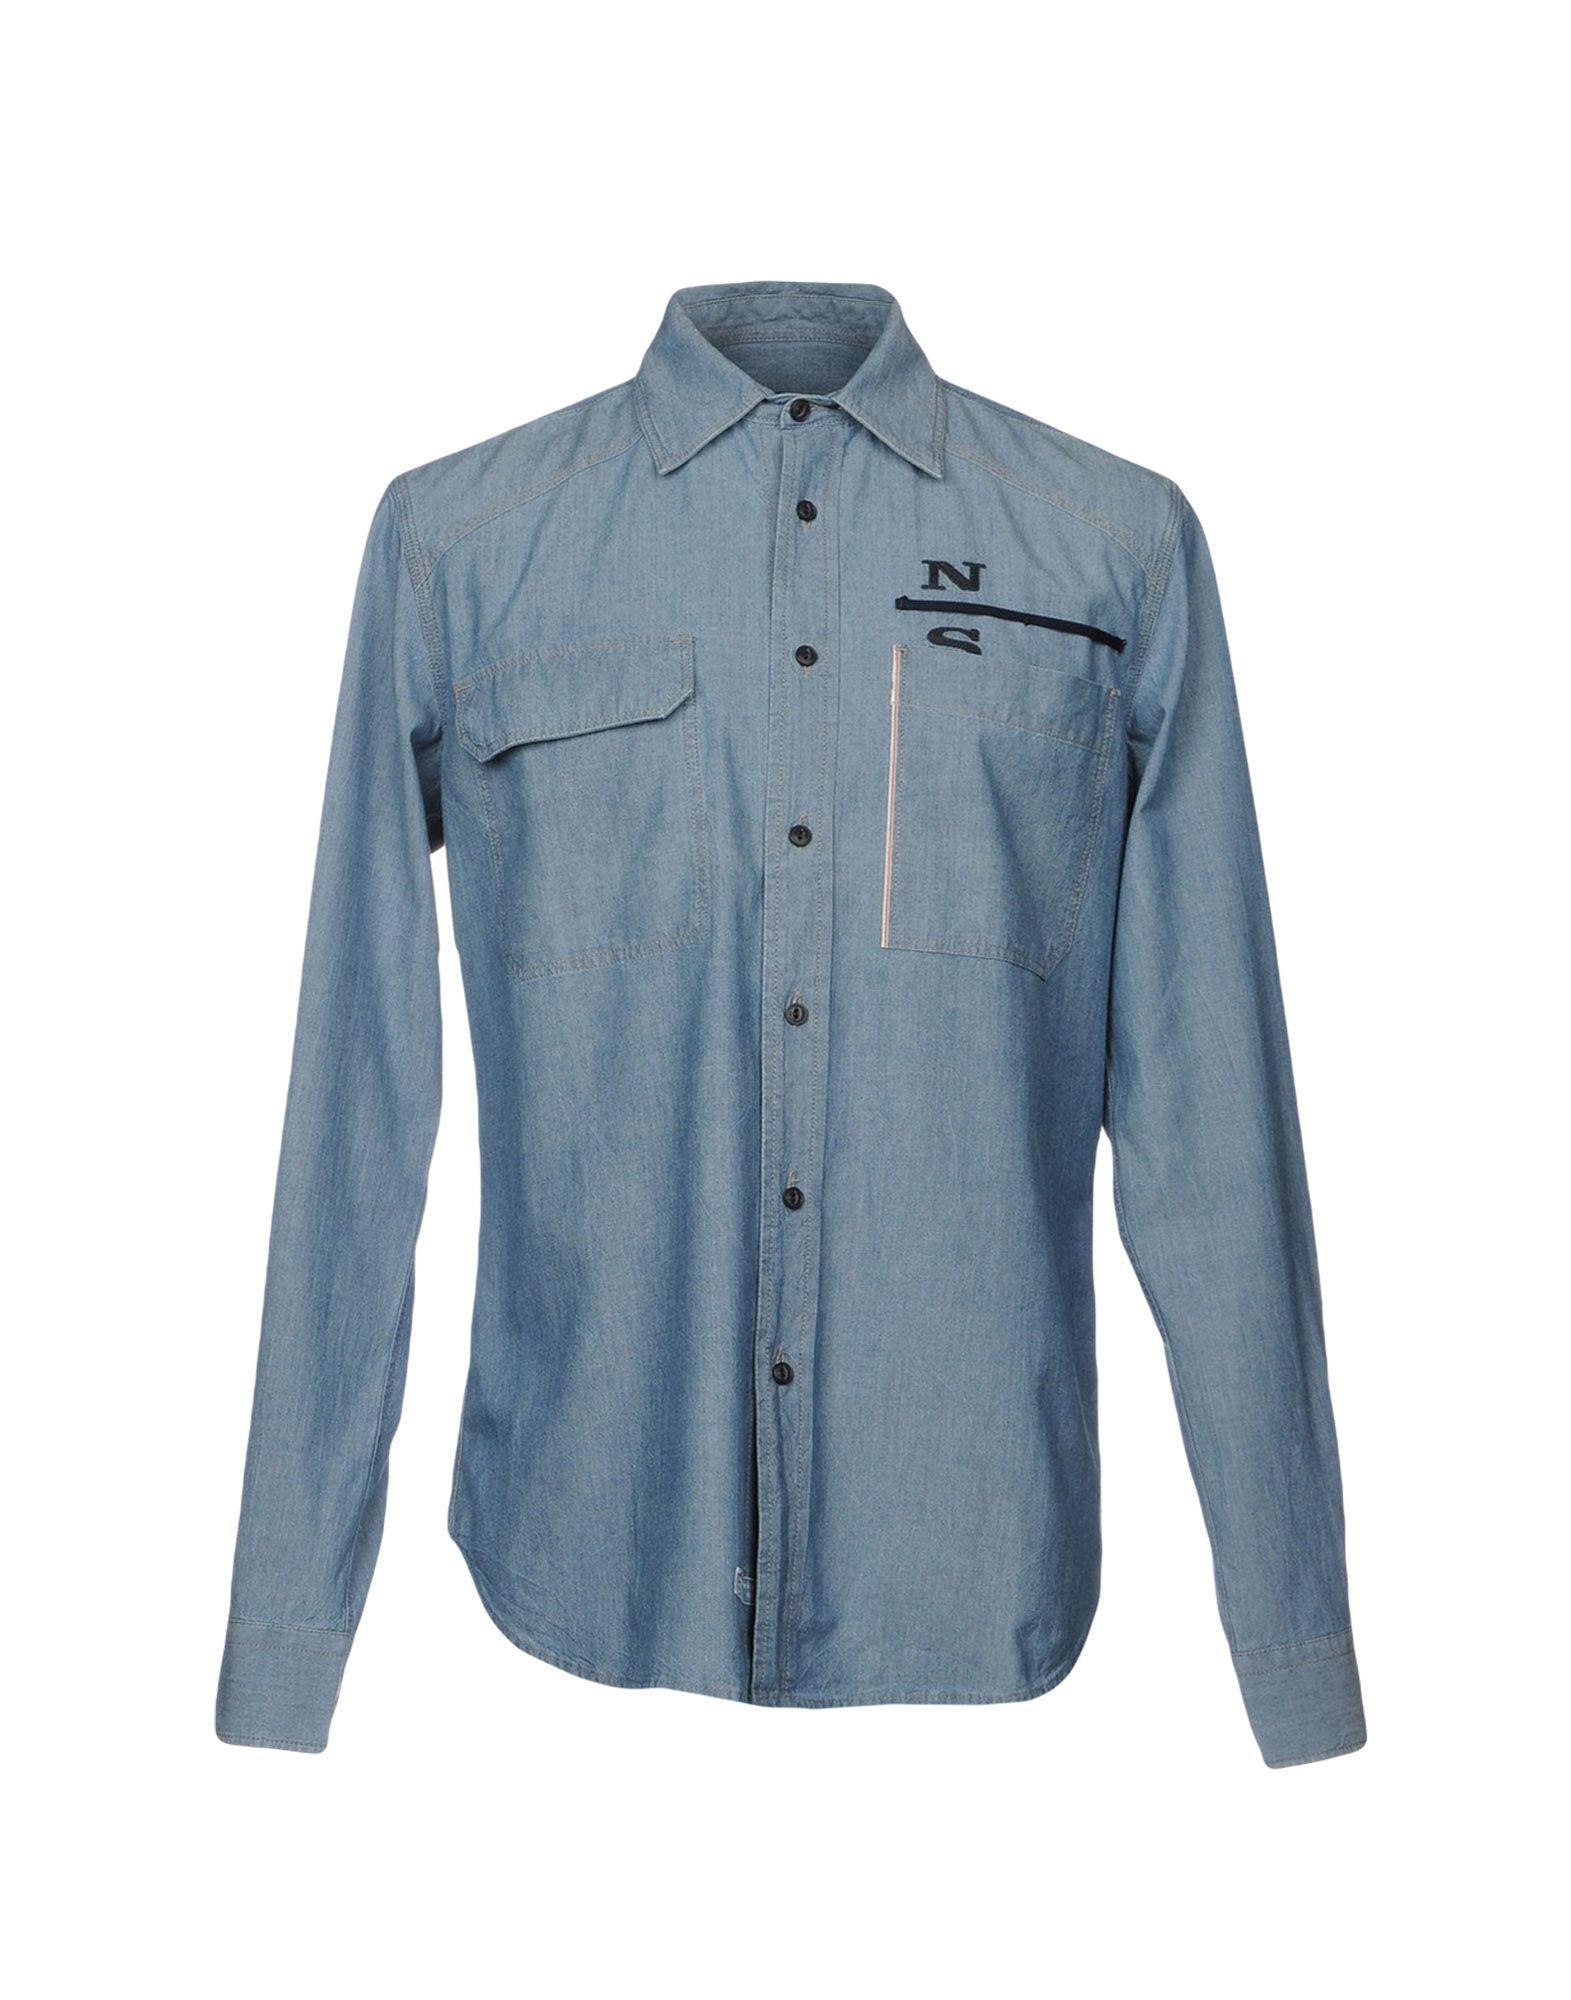 цены NORTH SAILS Джинсовая рубашка